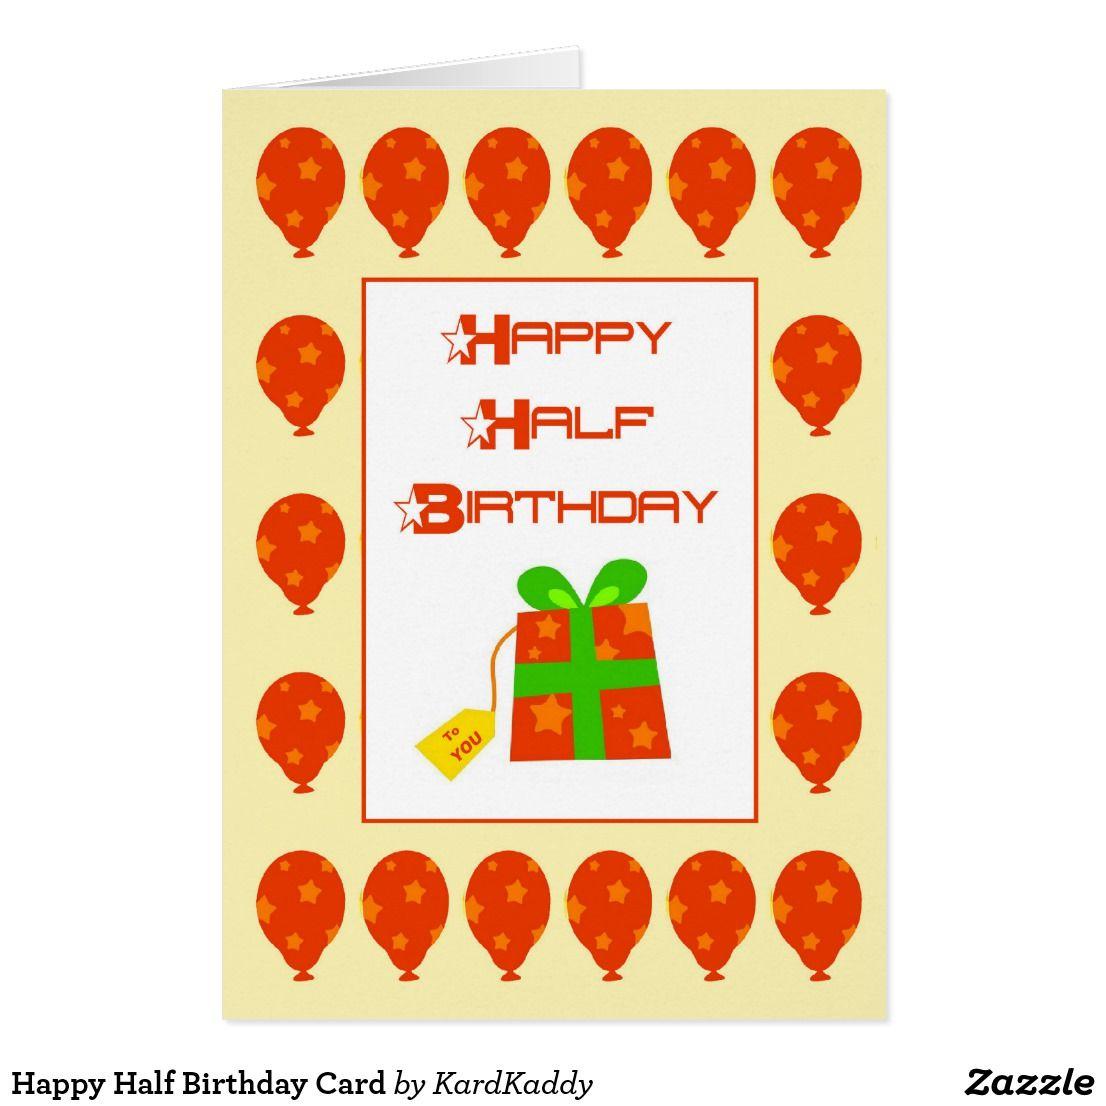 Happy Half Birthday Card Zazzle Com Happy Half Birthday Birthday Cards Birthday Balloons